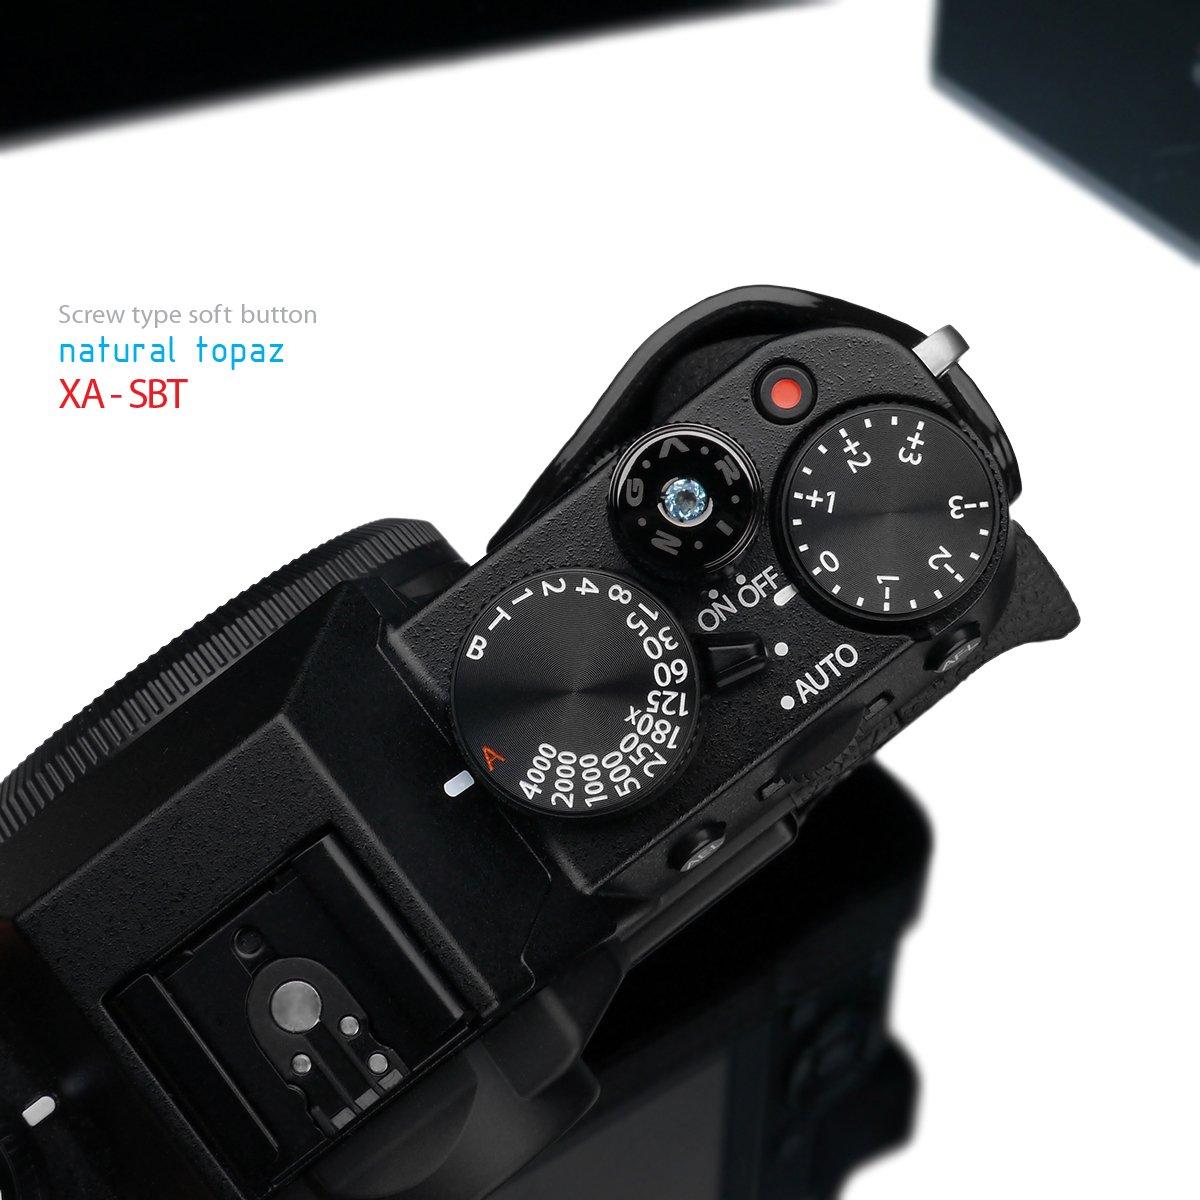 Garizジュエリーxa-sbtスクリュータイプソフトボタンリリースシャッターX - pro1 xpro1 x-e1 xe1 x100 x10 x100s x20 Leica Contax、ブルートパーズ B01BM4FG88